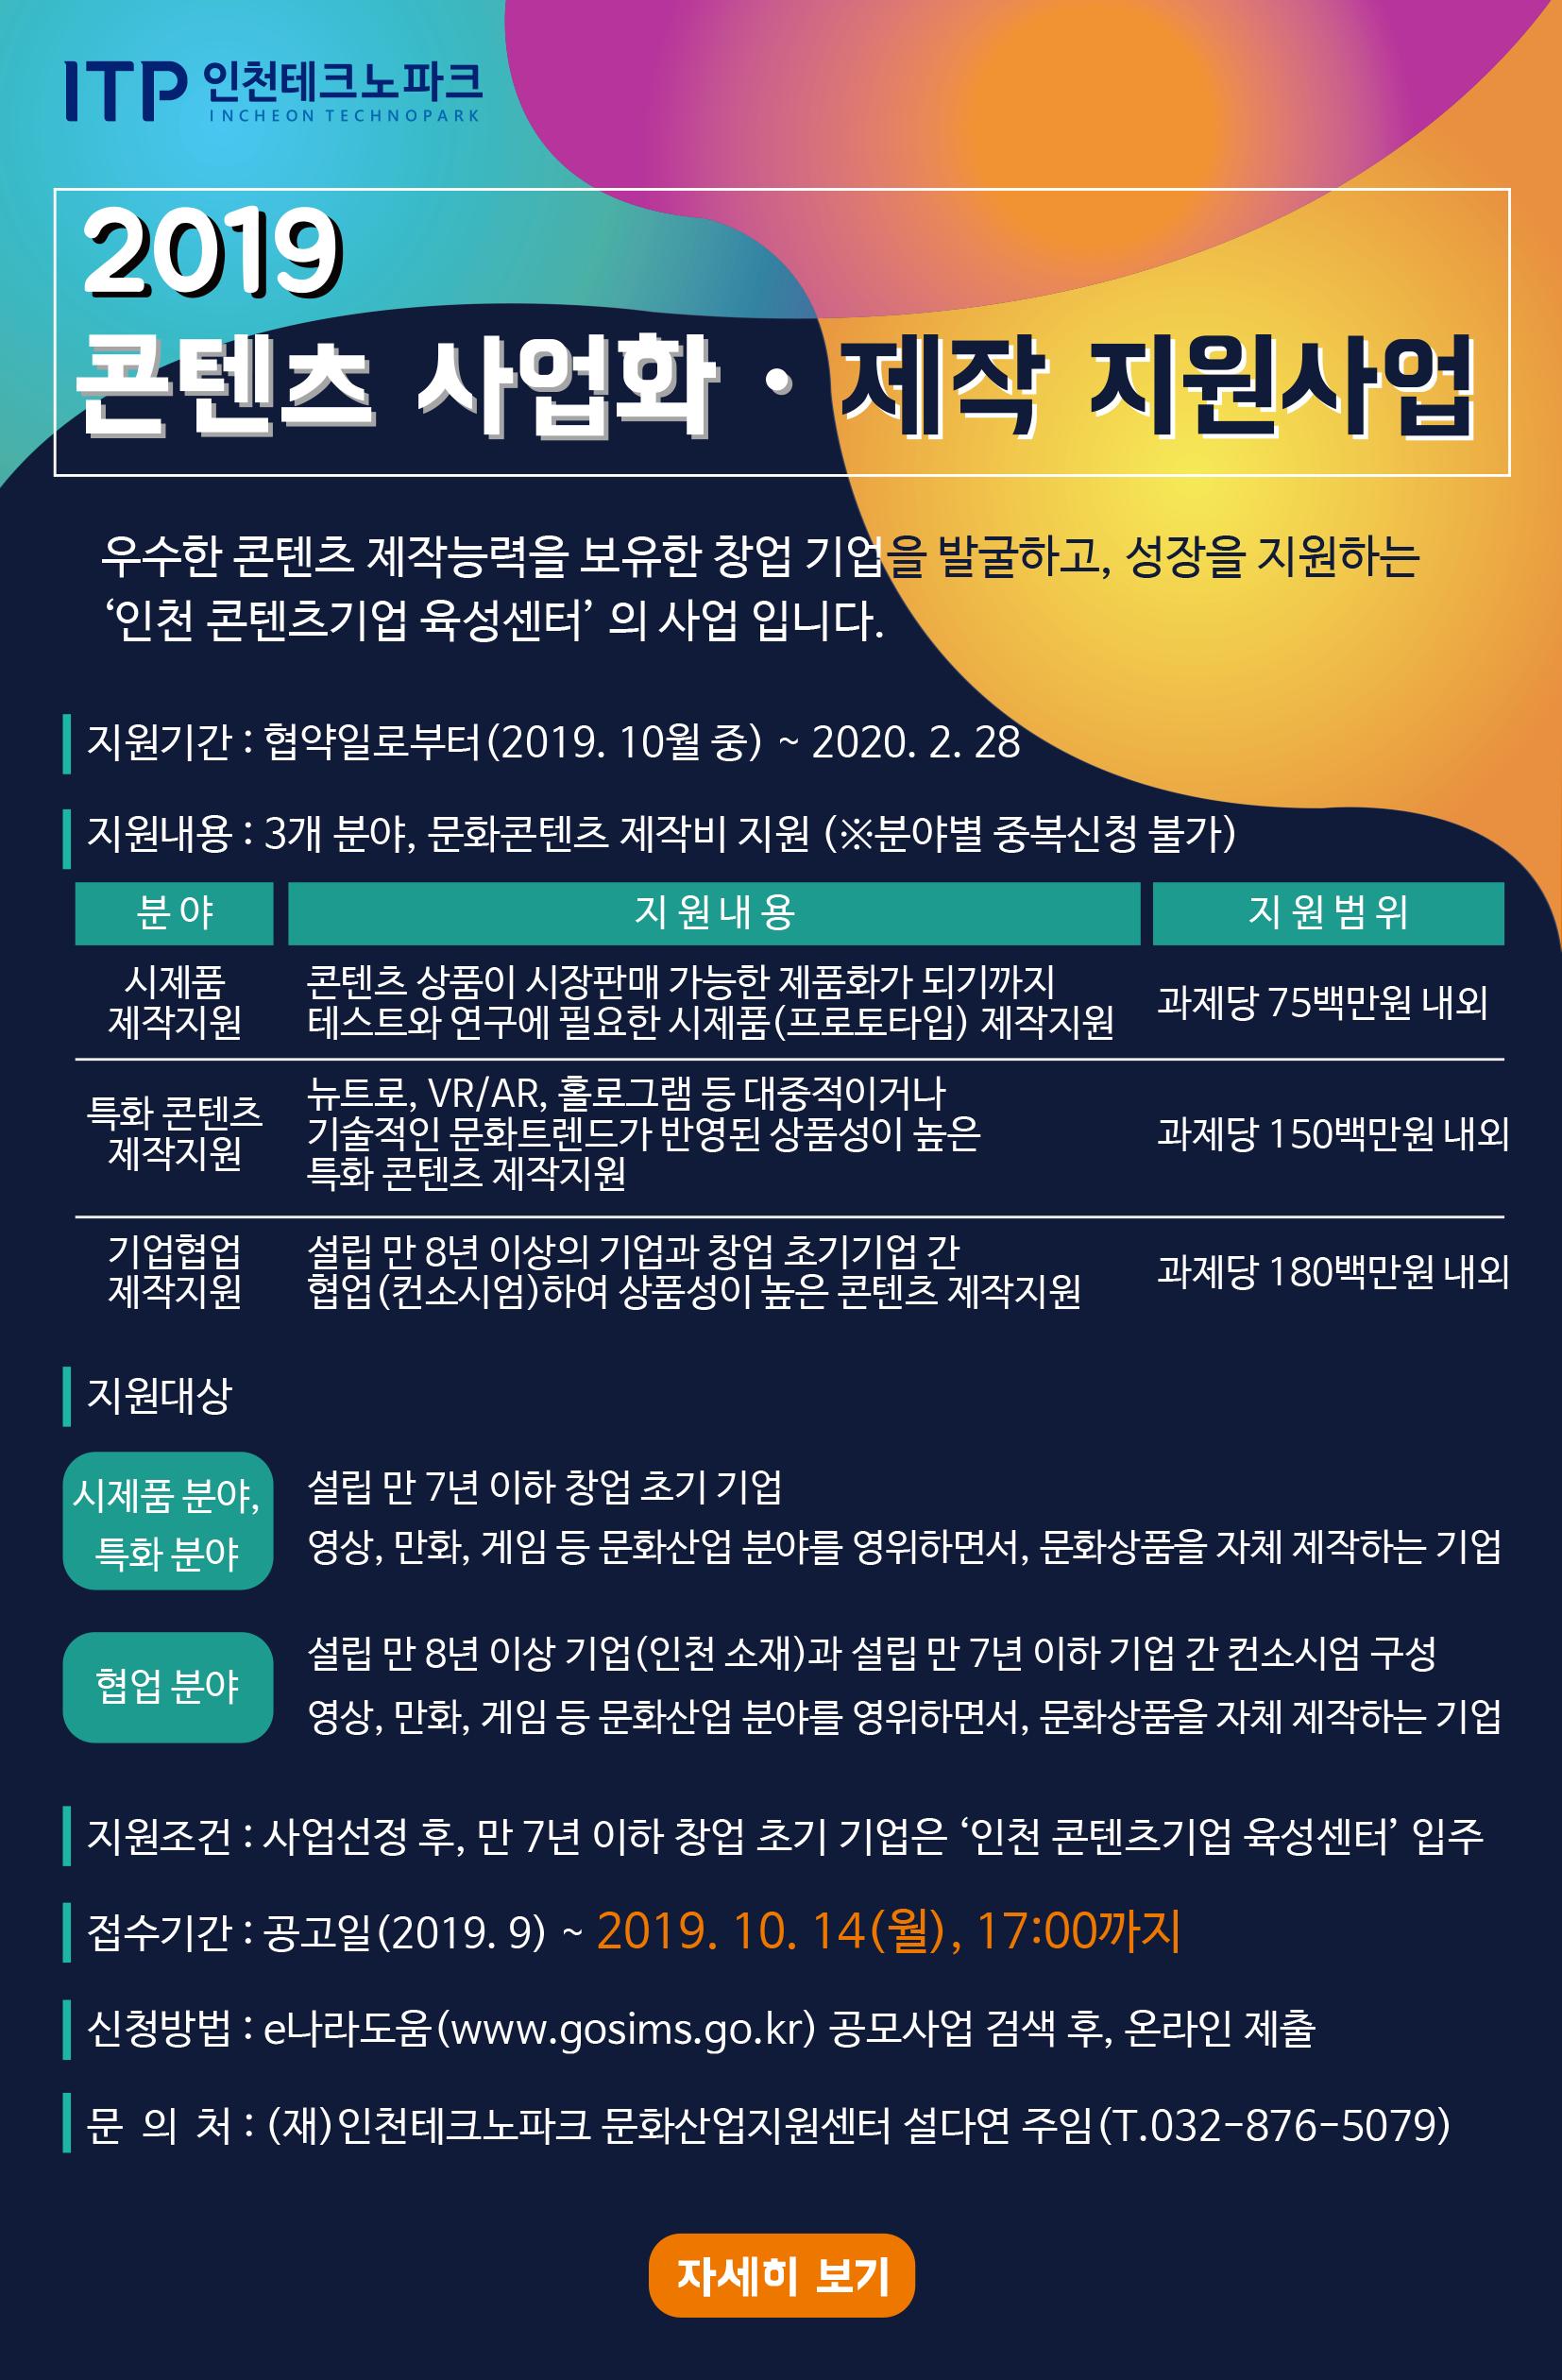 인천테크노파크 2019 콘텐츠 사업화 제작 지원사업 안내문.png